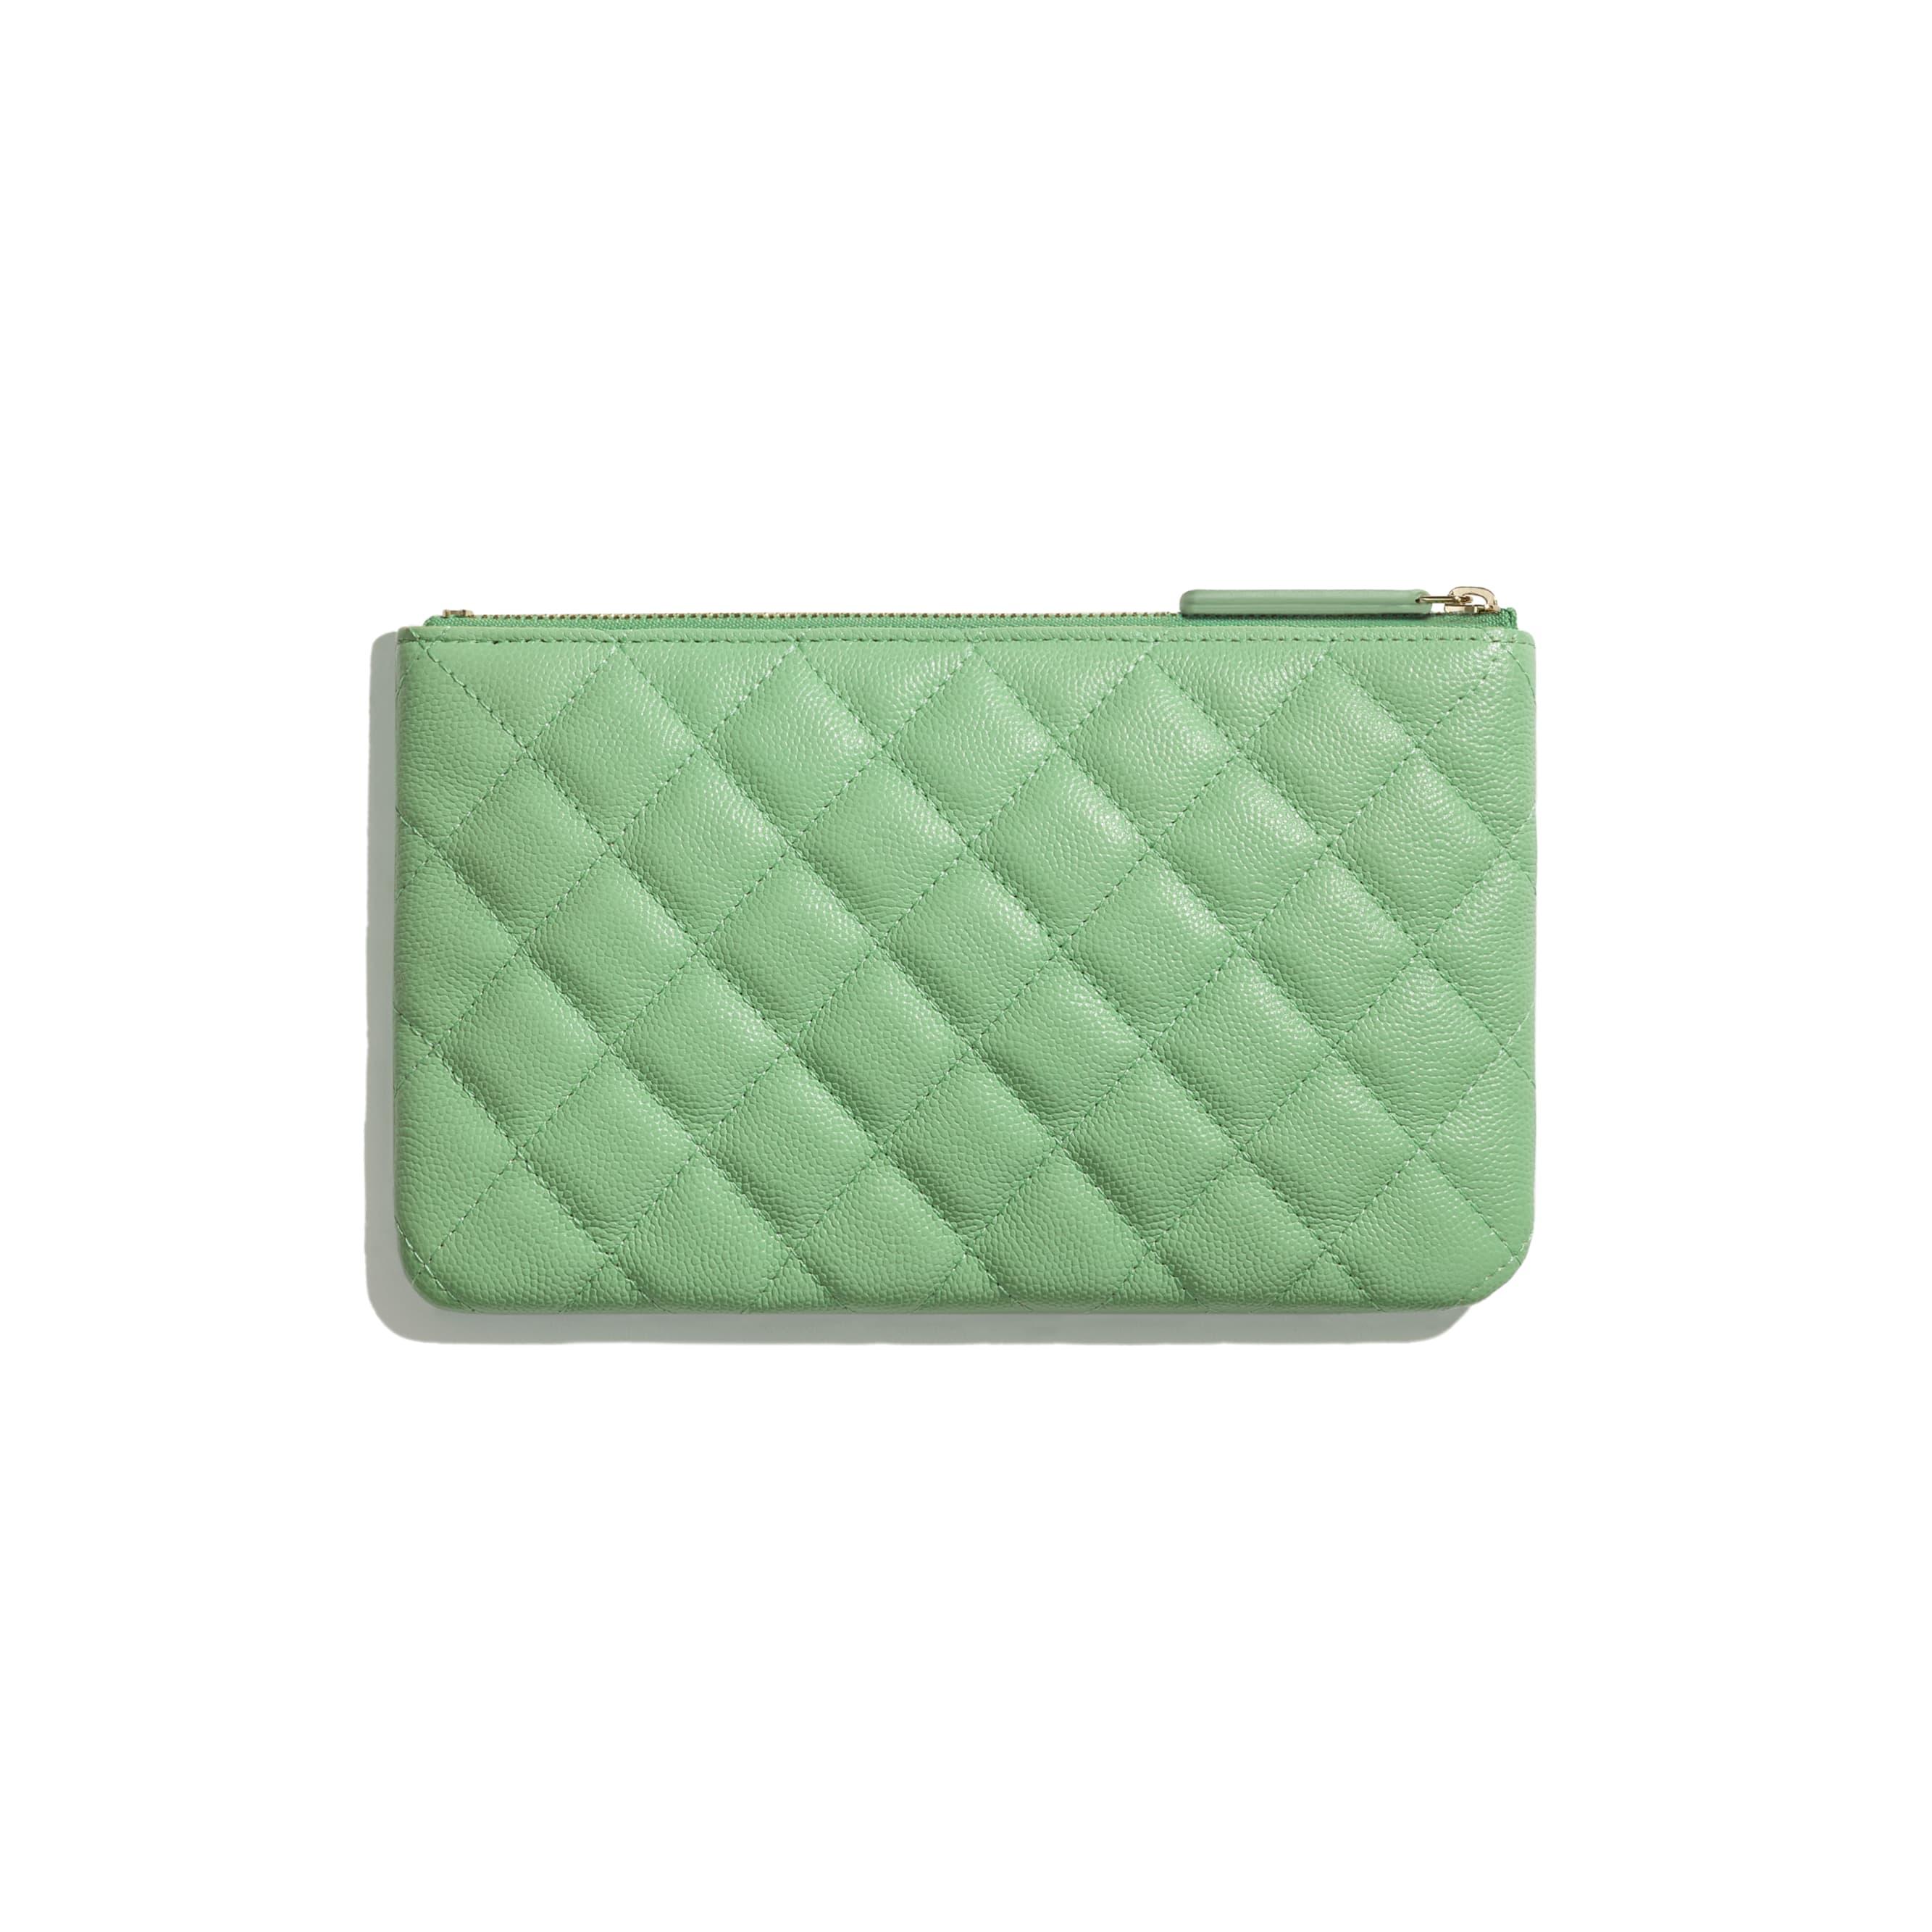 Pochete pequena clássica - Verde - Couro De Novilho Granulado & Metal Dourado - CHANEL - Vista alternativa - ver a versão em tamanho standard